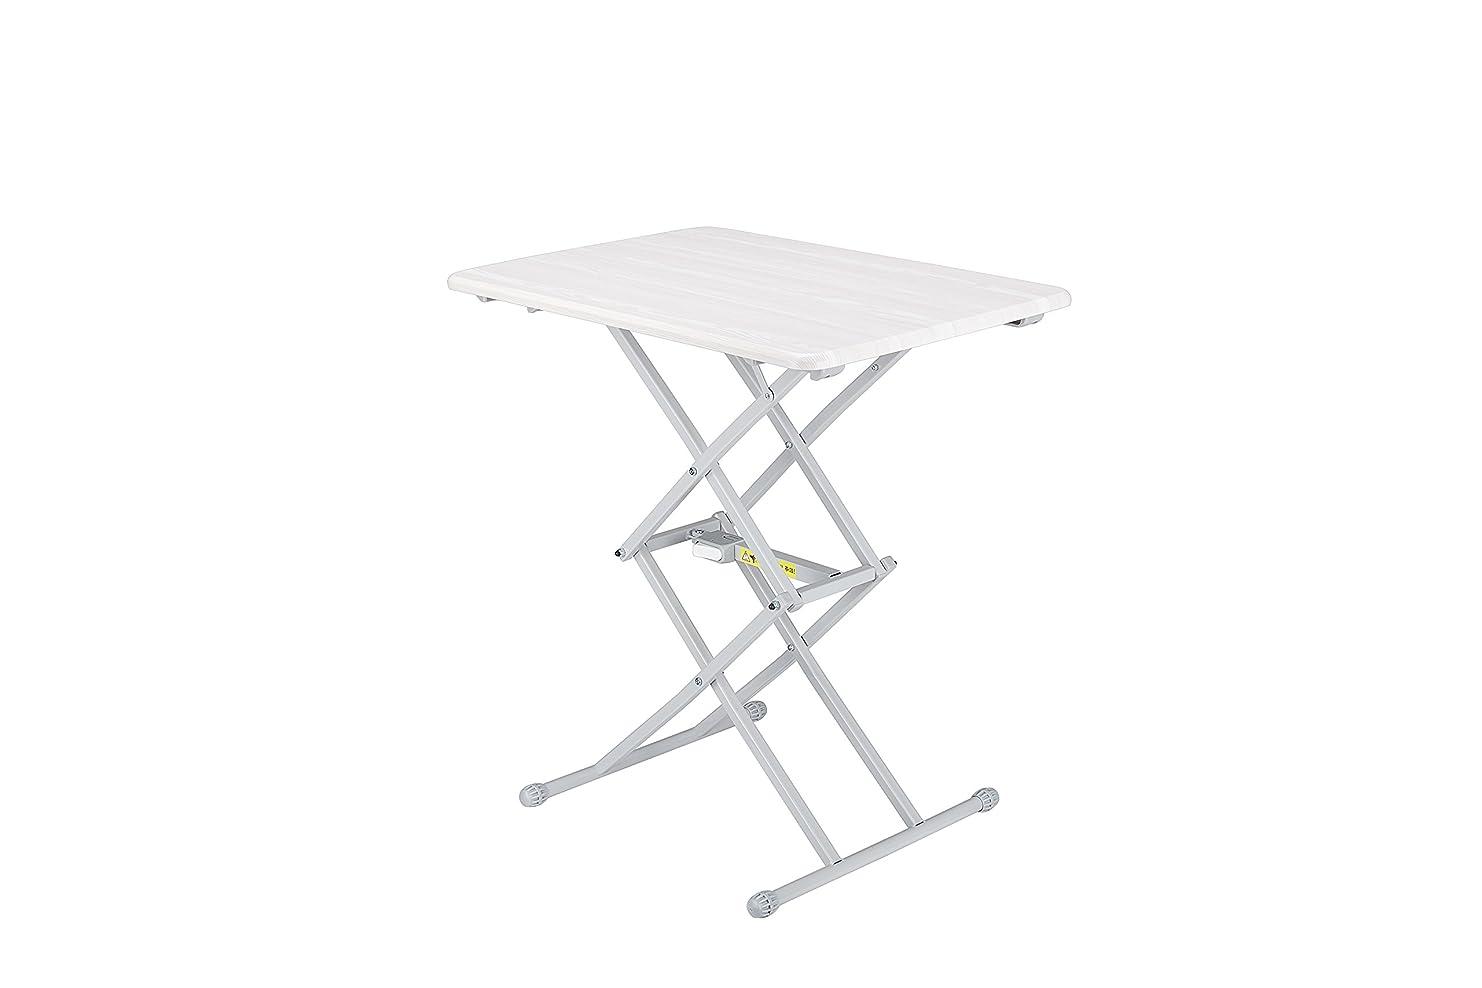 フォアマン素敵な建築家Adjustable Folding Table(昇降式4段調節テーブル) 木折りたたみテーブル 簡便な高さの調節 個人用テーブル ホワイト